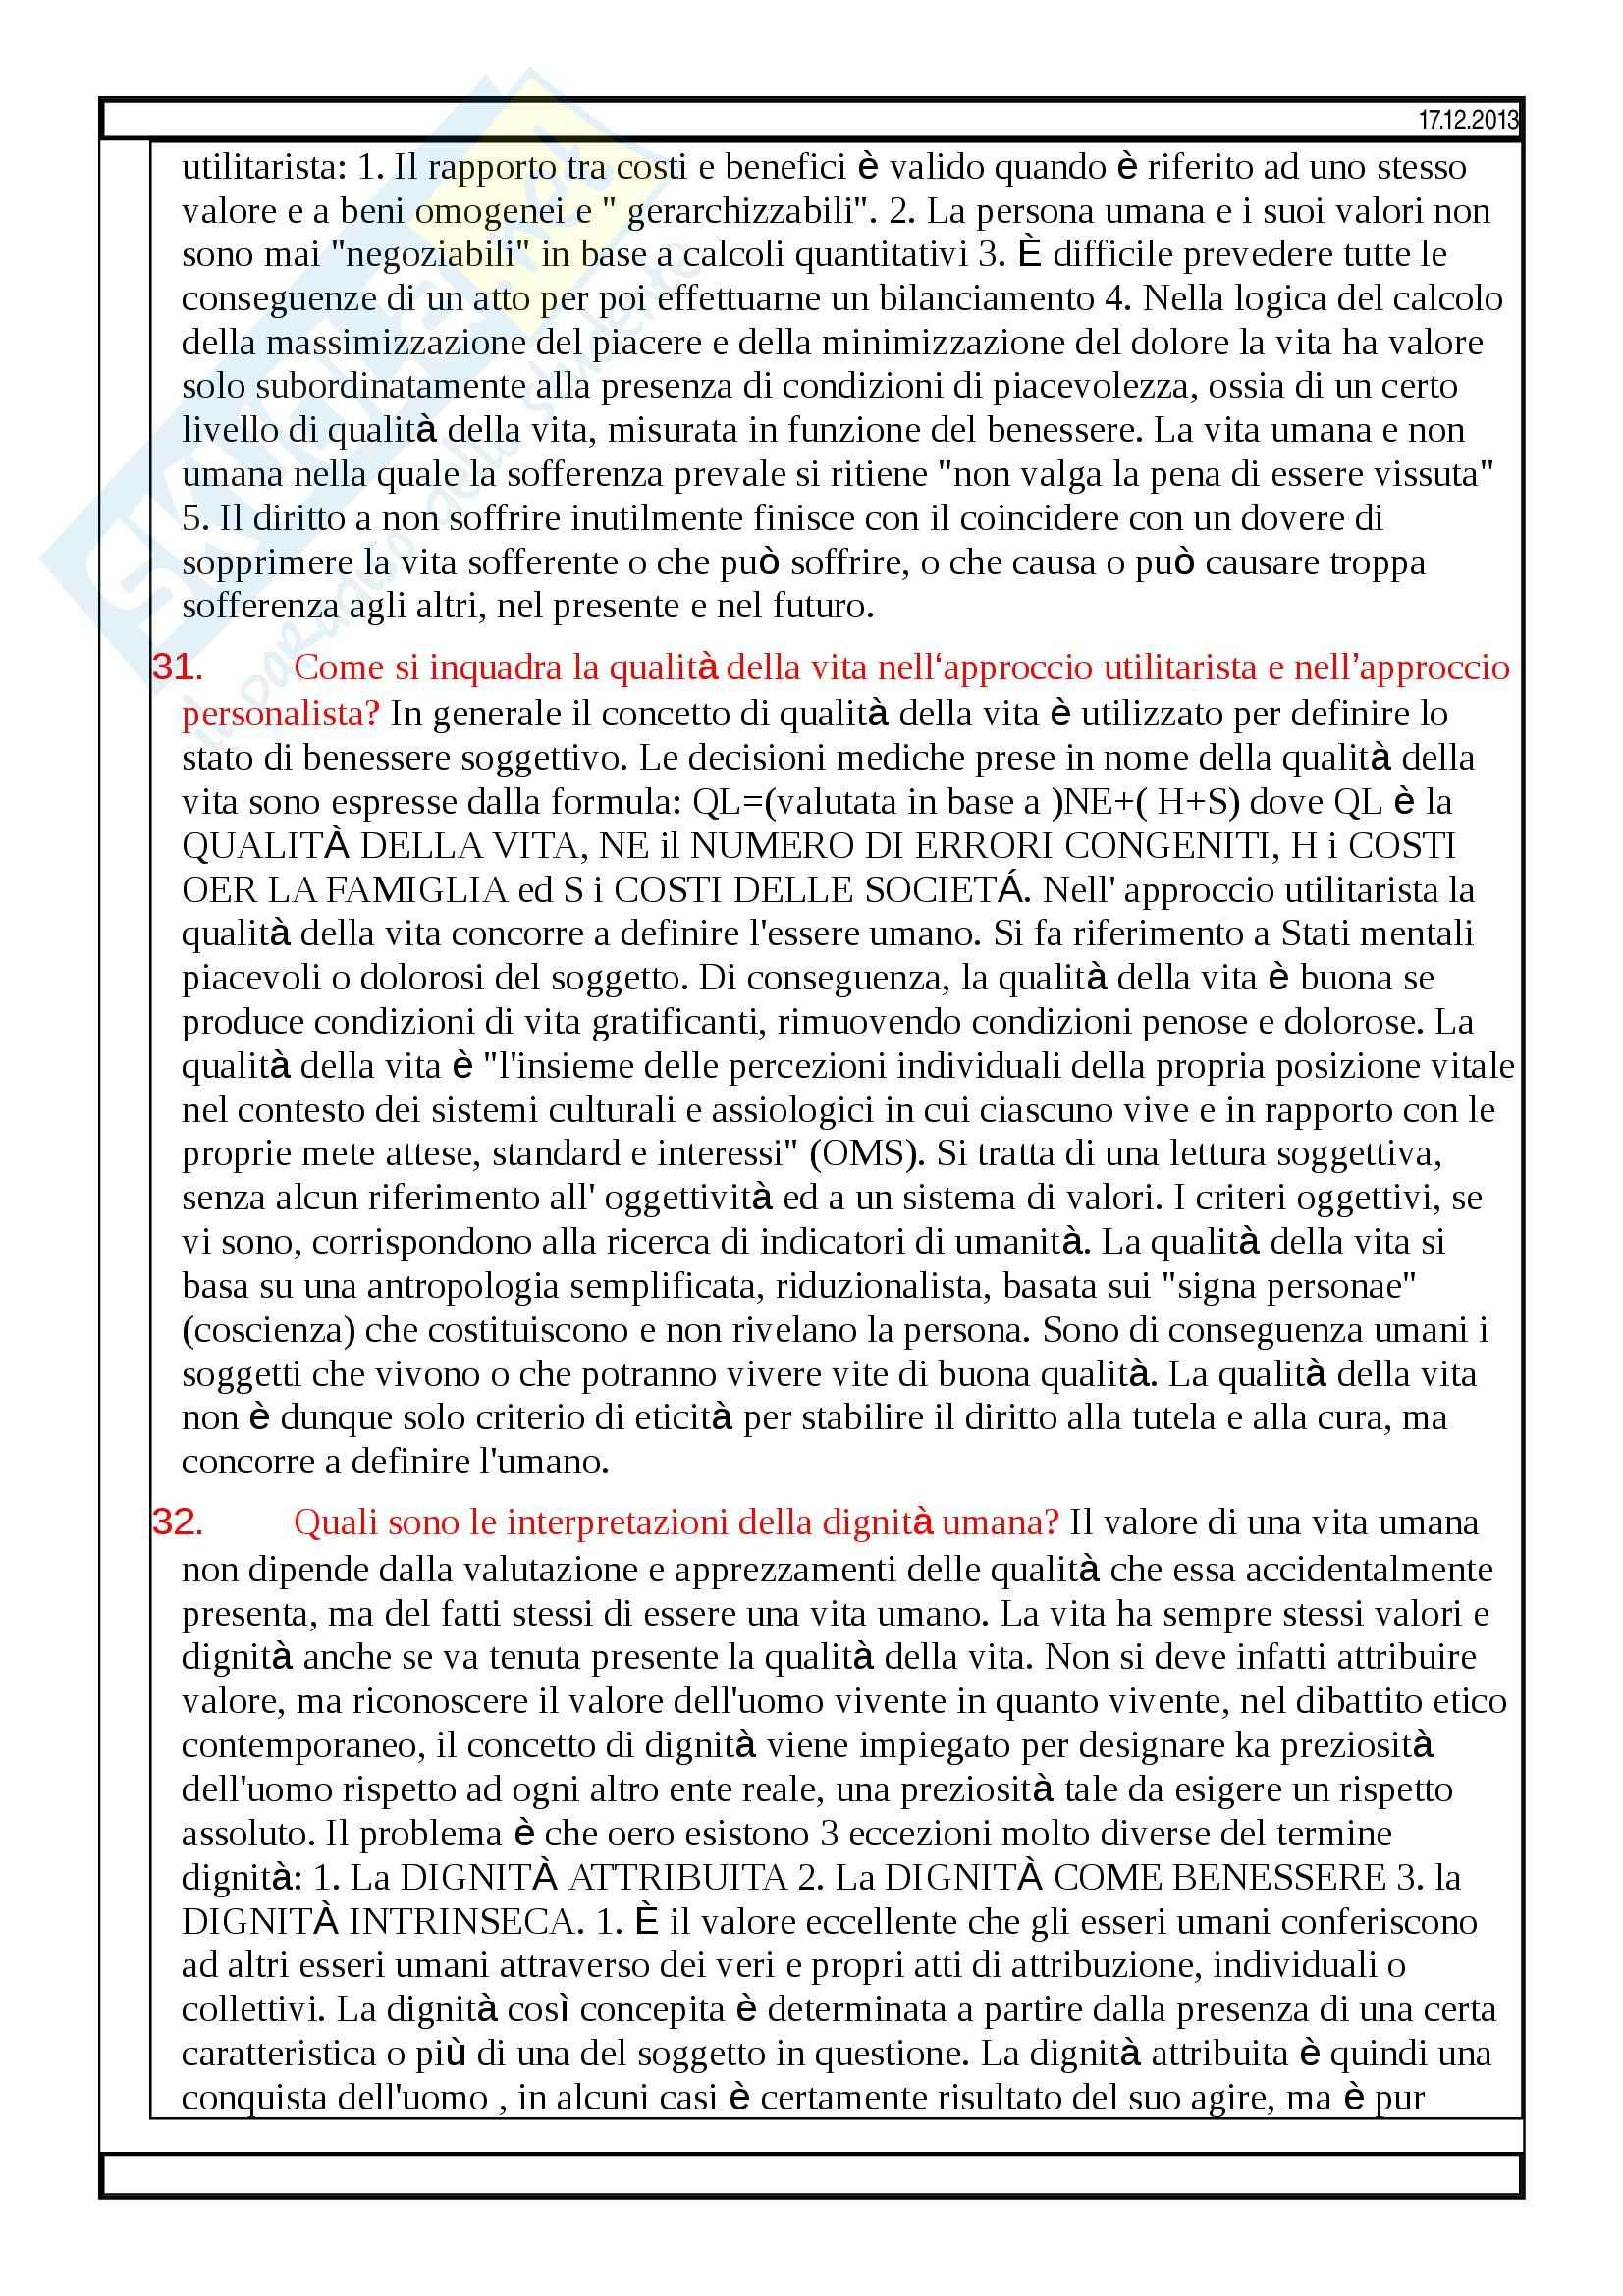 Bioetica - domande Pag. 11